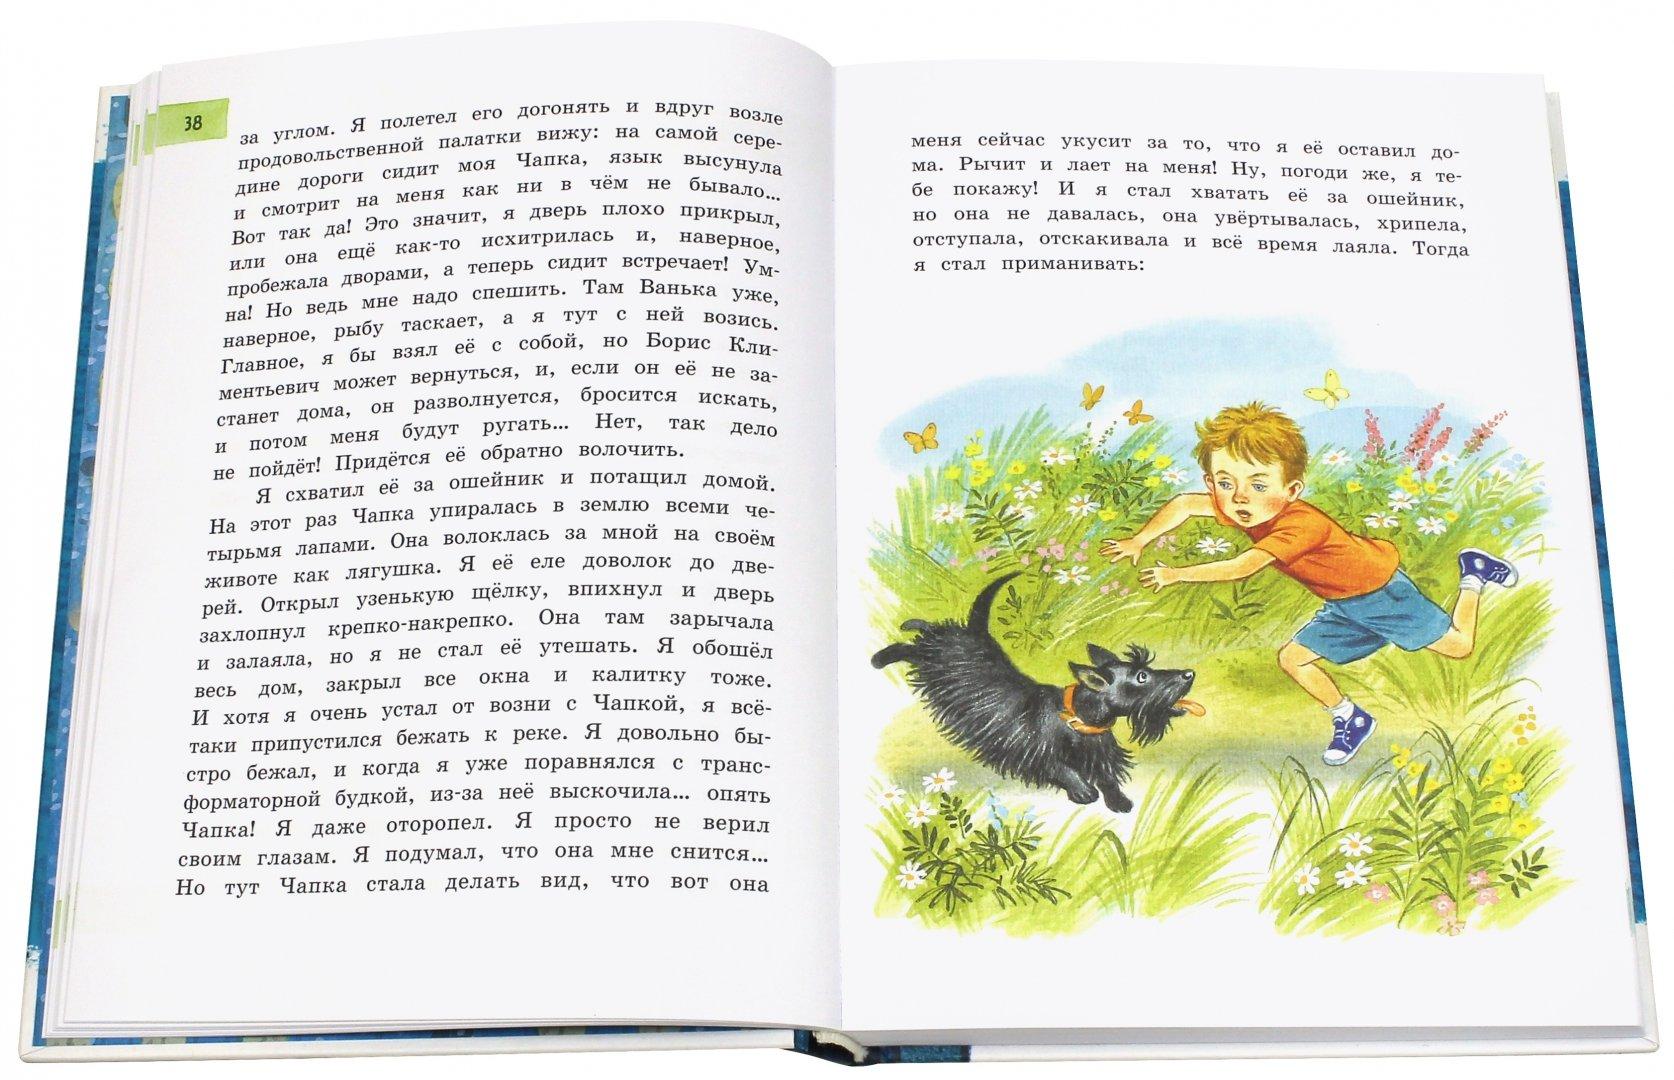 Иллюстрация 1 из 40 для Друзья-приятели. Денискины рассказы - Виктор Драгунский   Лабиринт - книги. Источник: Лабиринт